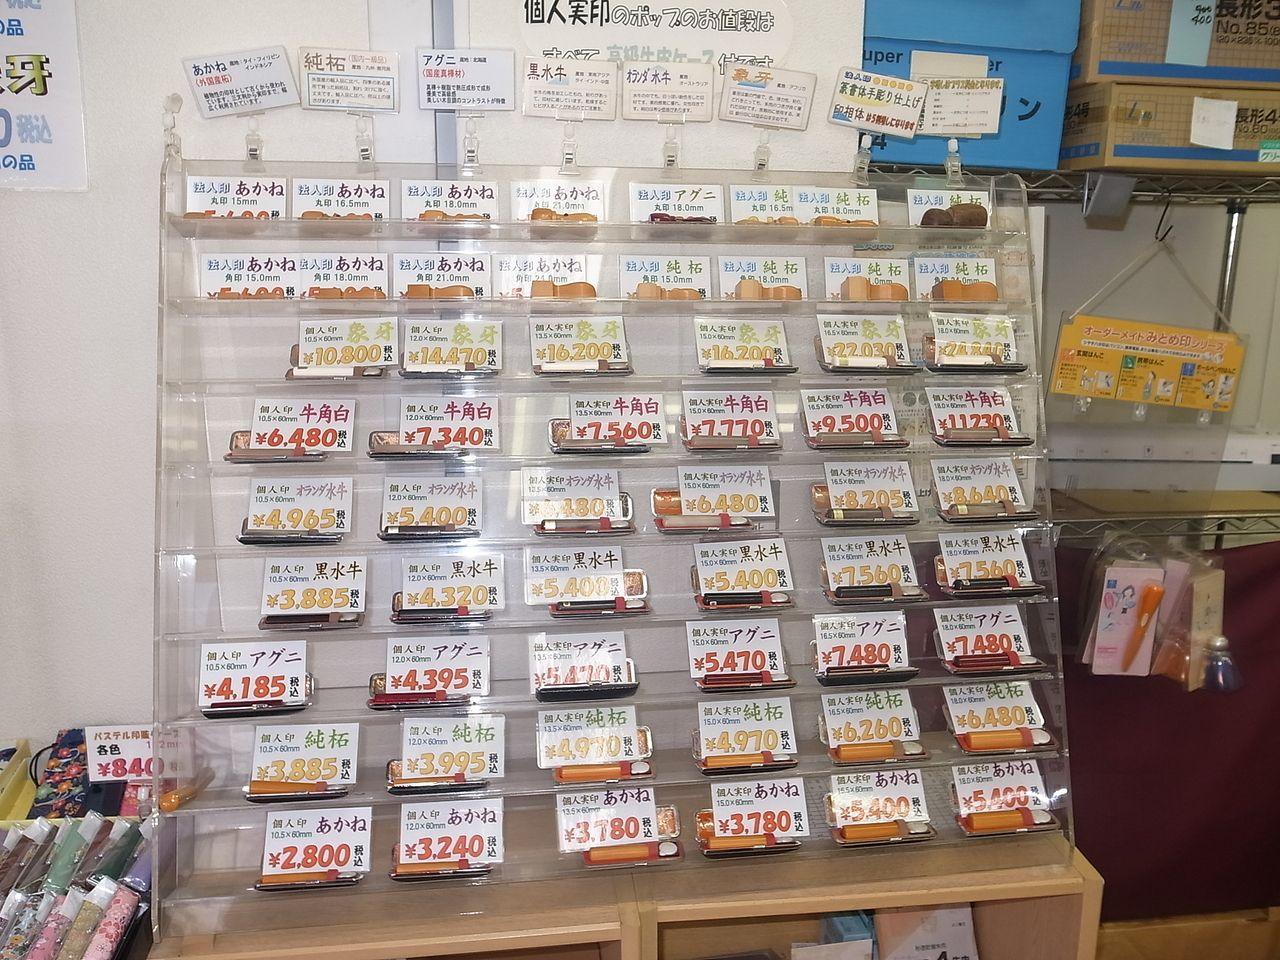 ハンコ卸売センター 越谷店さんでは色々な印鑑が売っています!